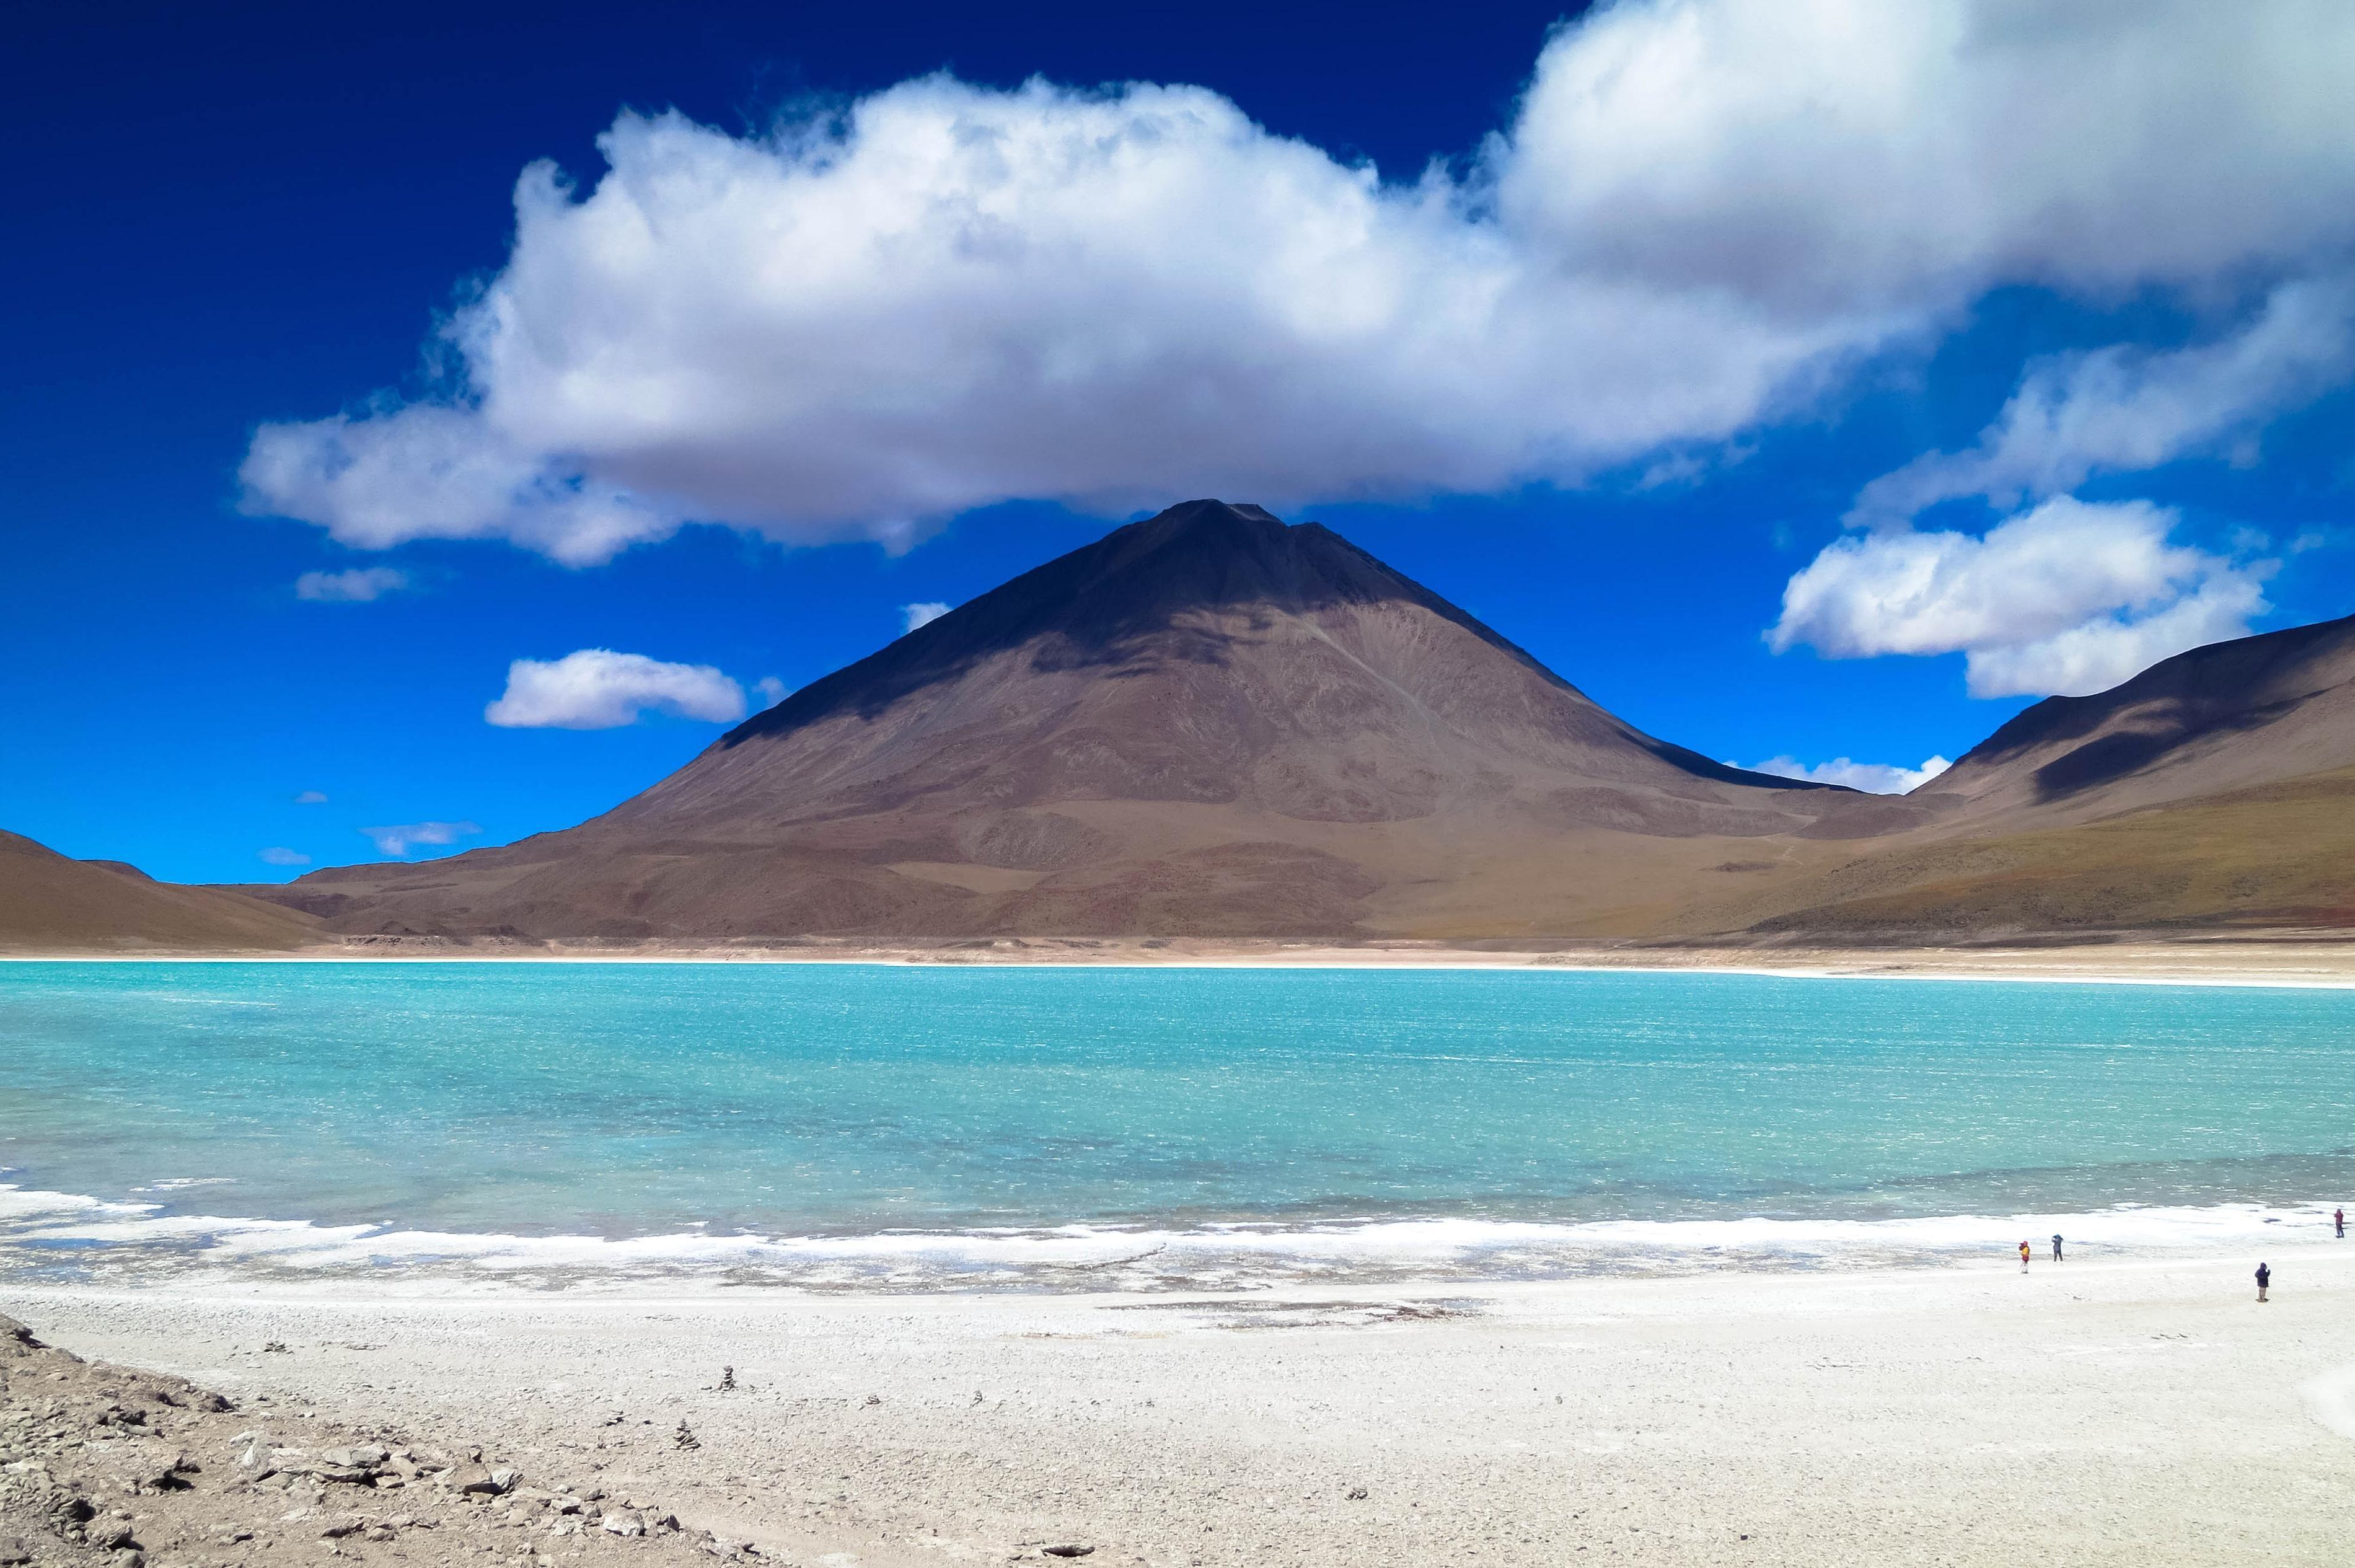 kostenlose bild sand wasser natur vulkan strand